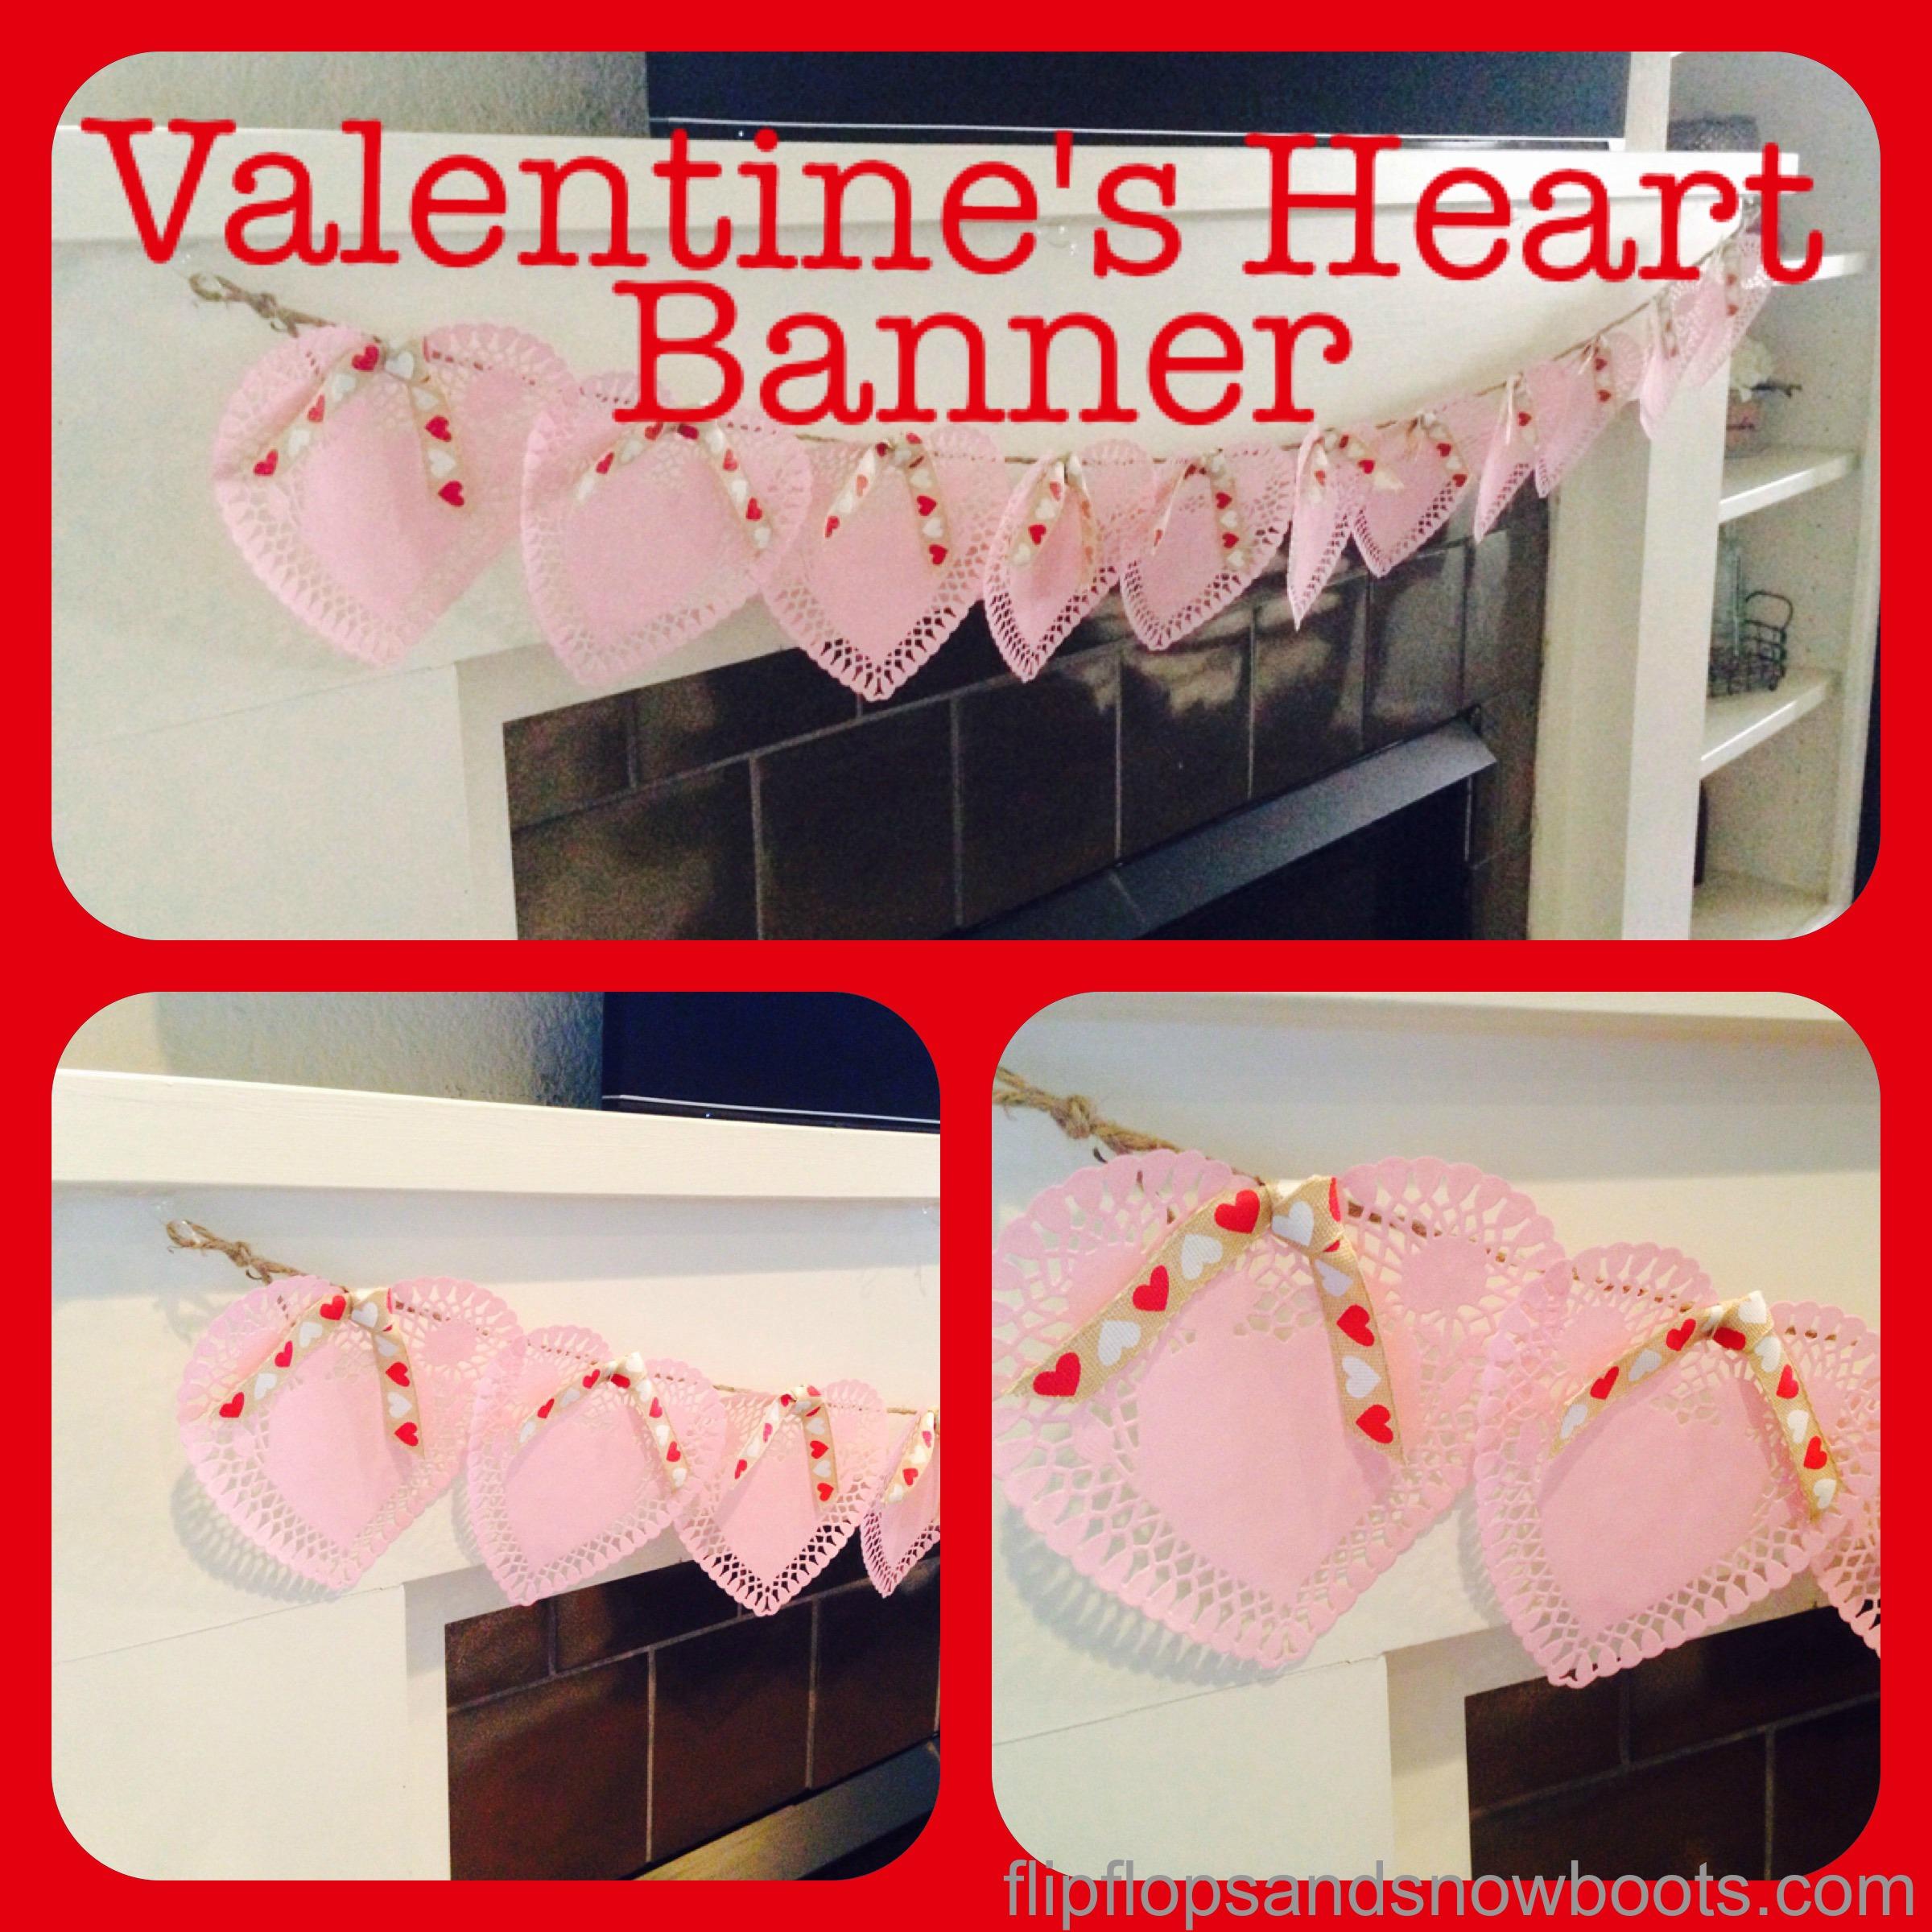 Valentine's Heart Banner